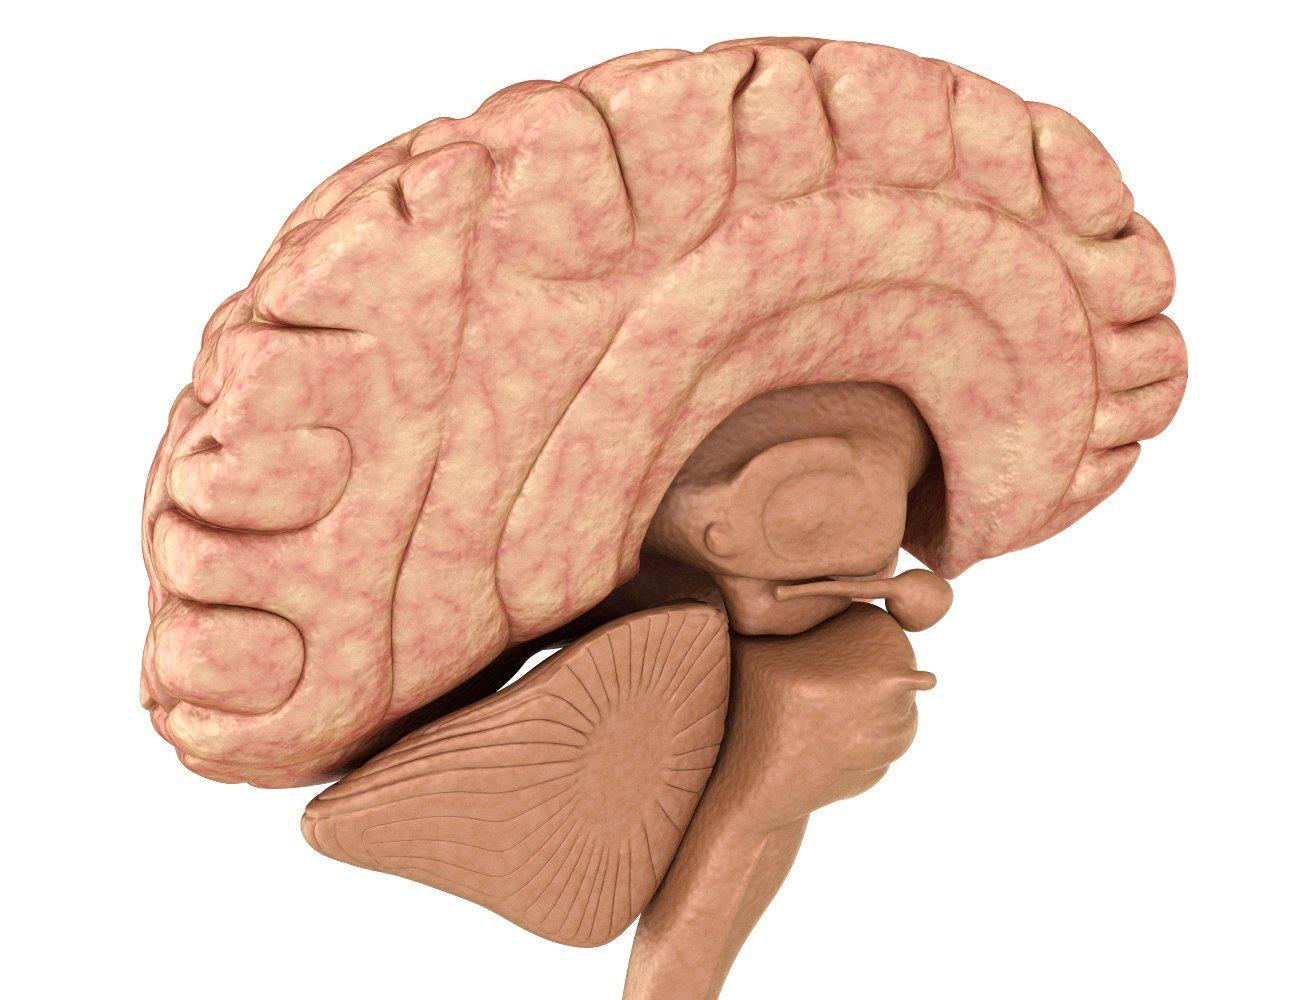 Human Brain anatomy 3D Model in Anatomy 3DExport